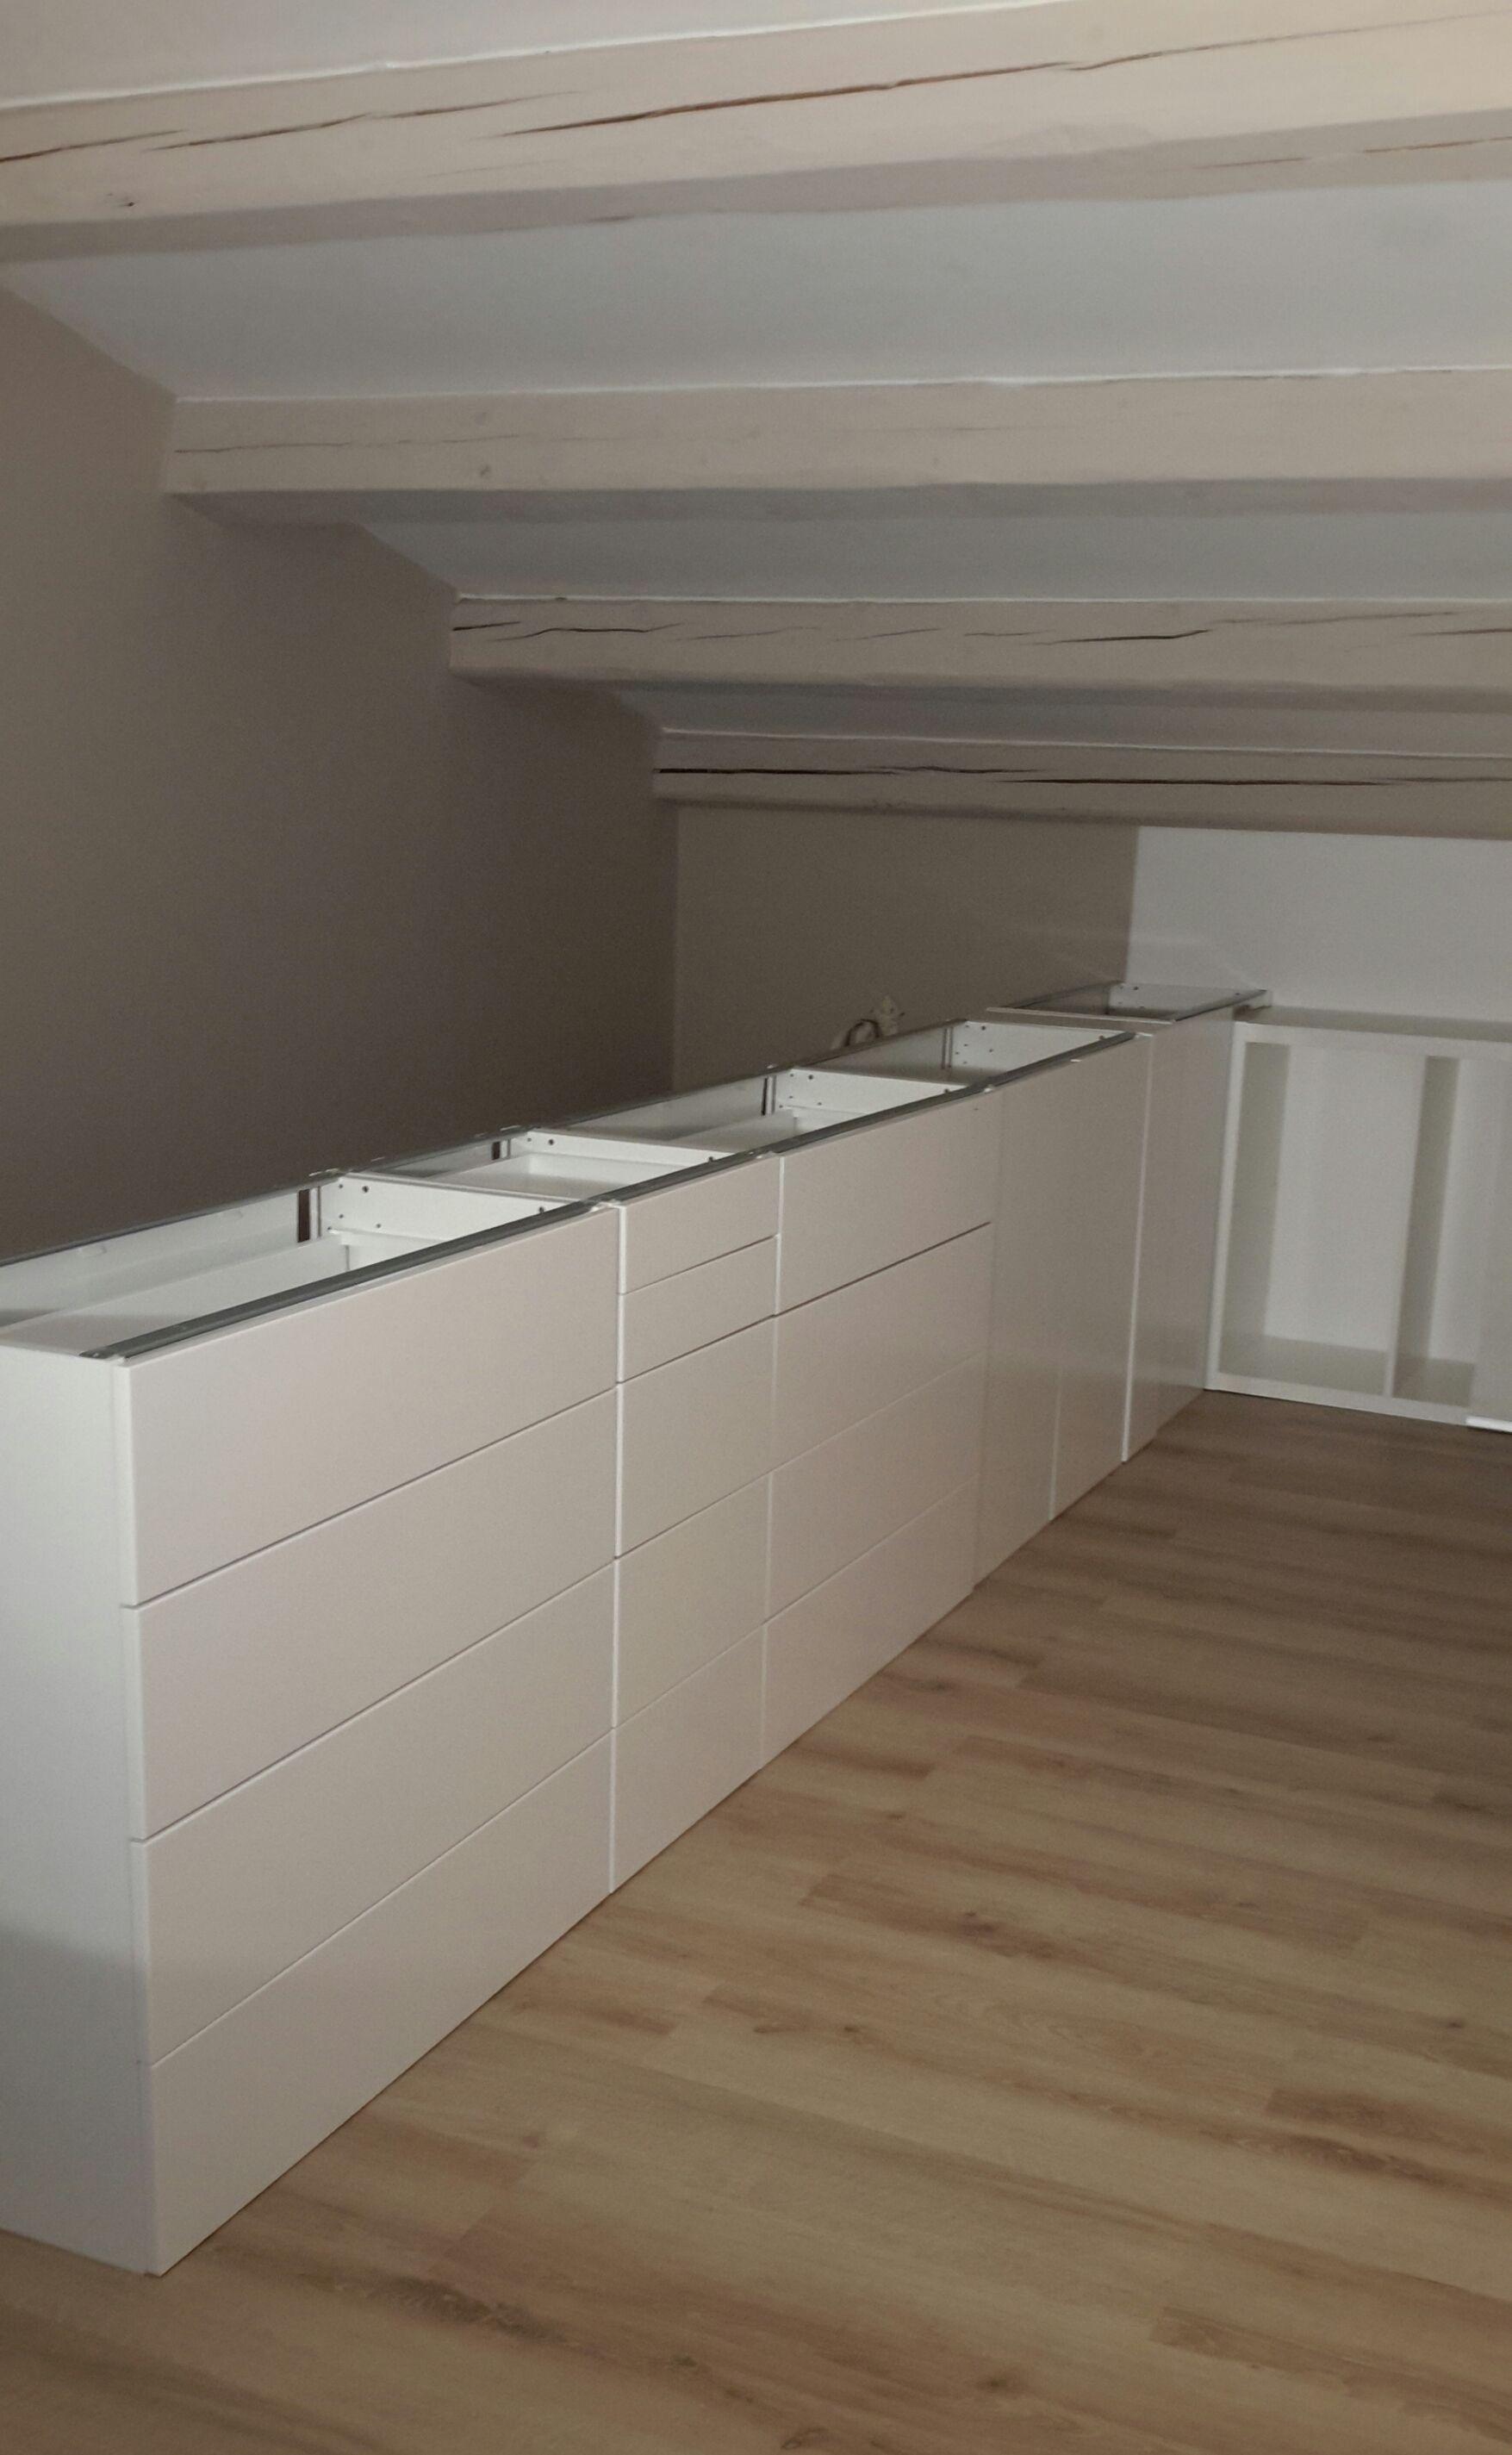 APRES : Meubles de cuisine IKEA (13 cm de profondeur), en 13